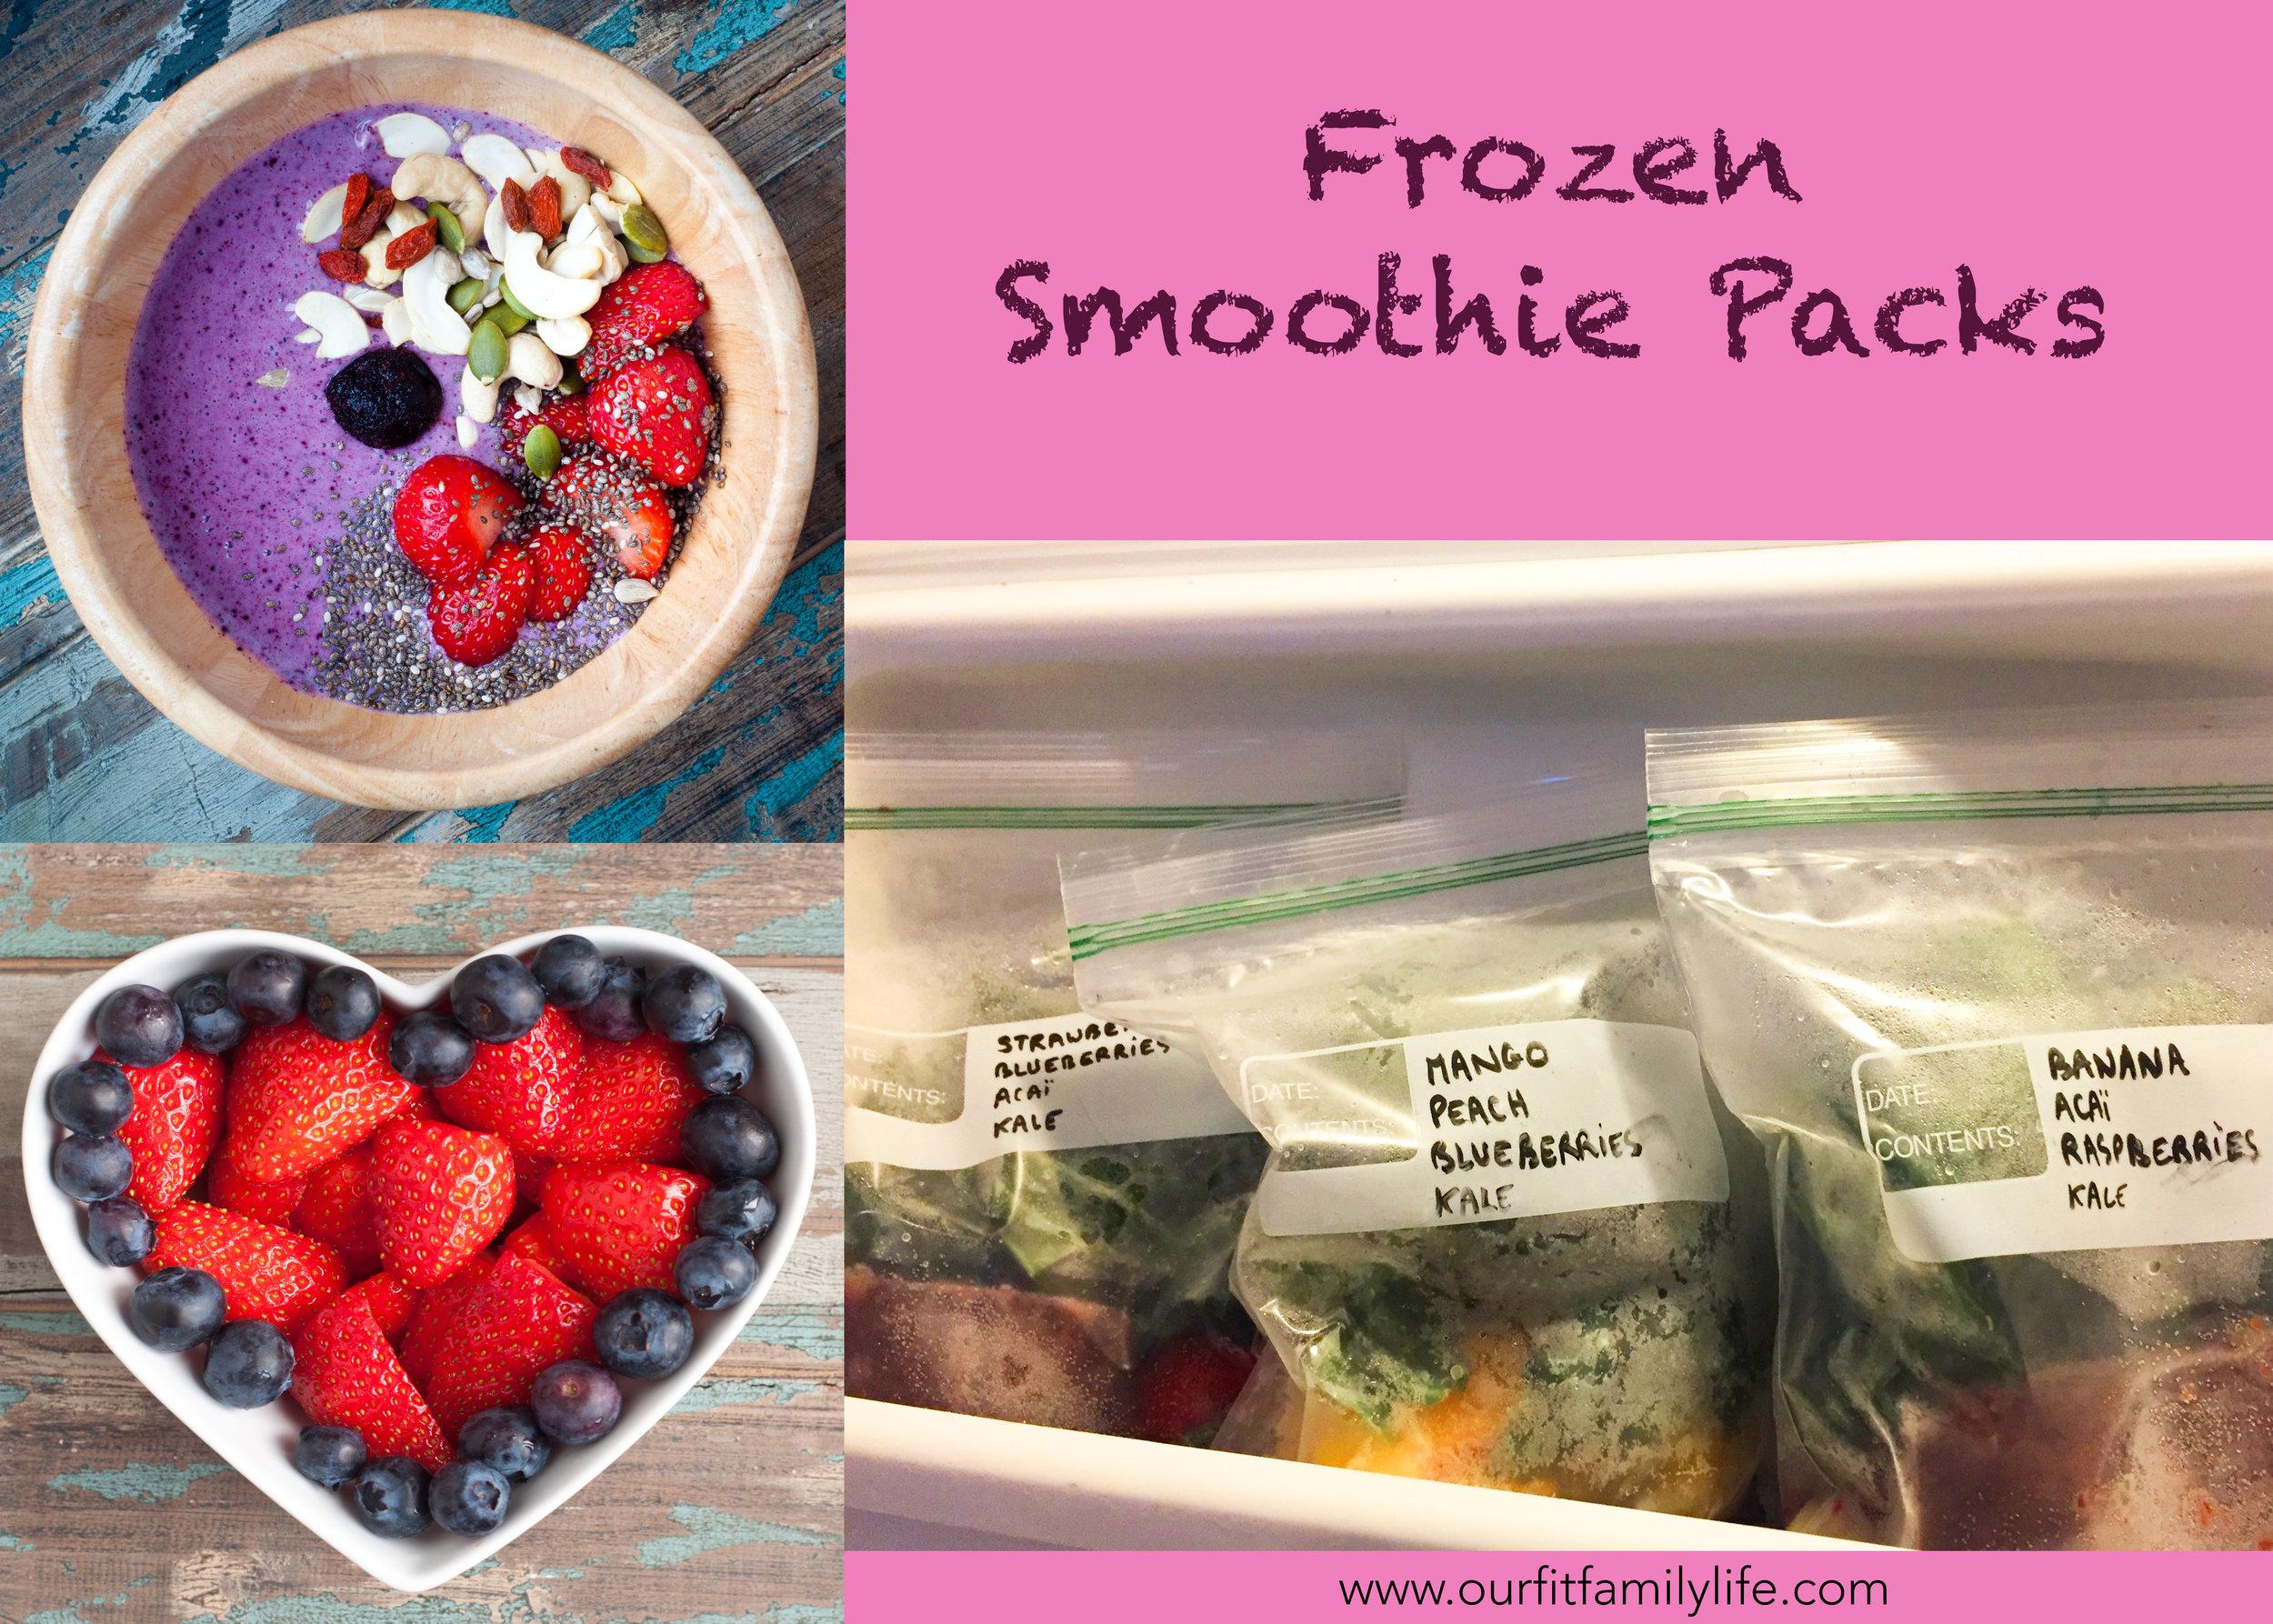 fronzen smoothie packs - healthy snacks - postpartum